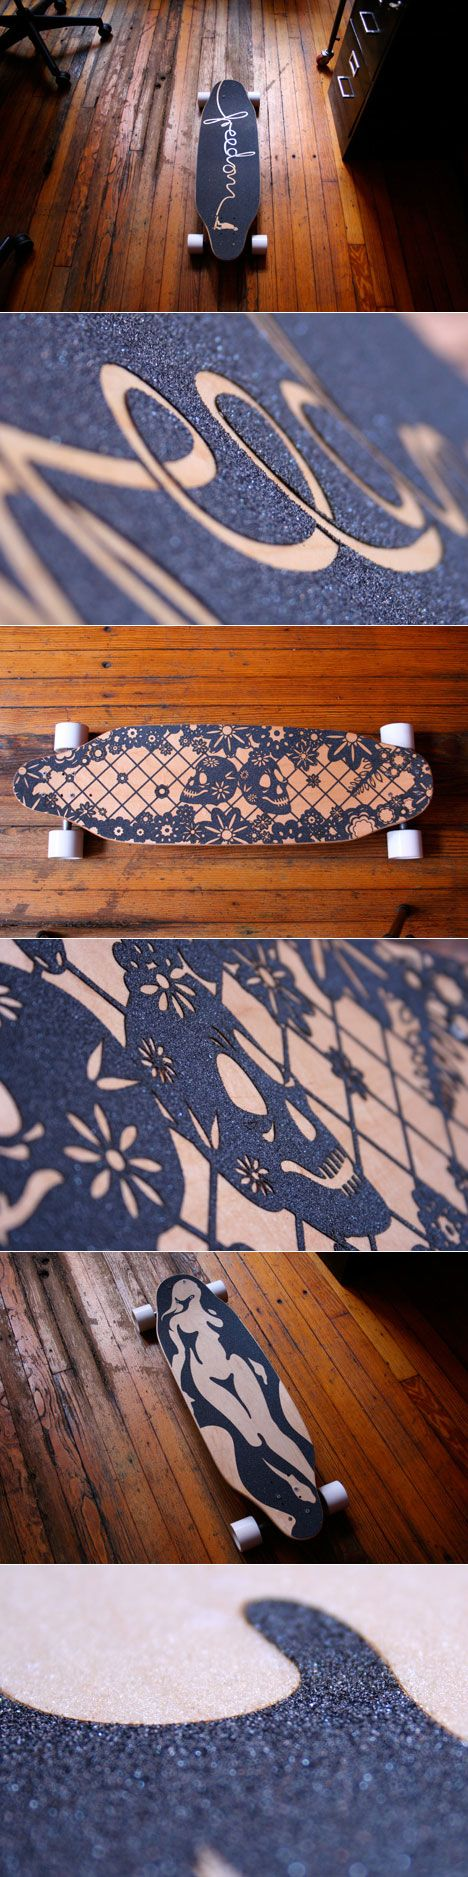 delaojoser designer skate board